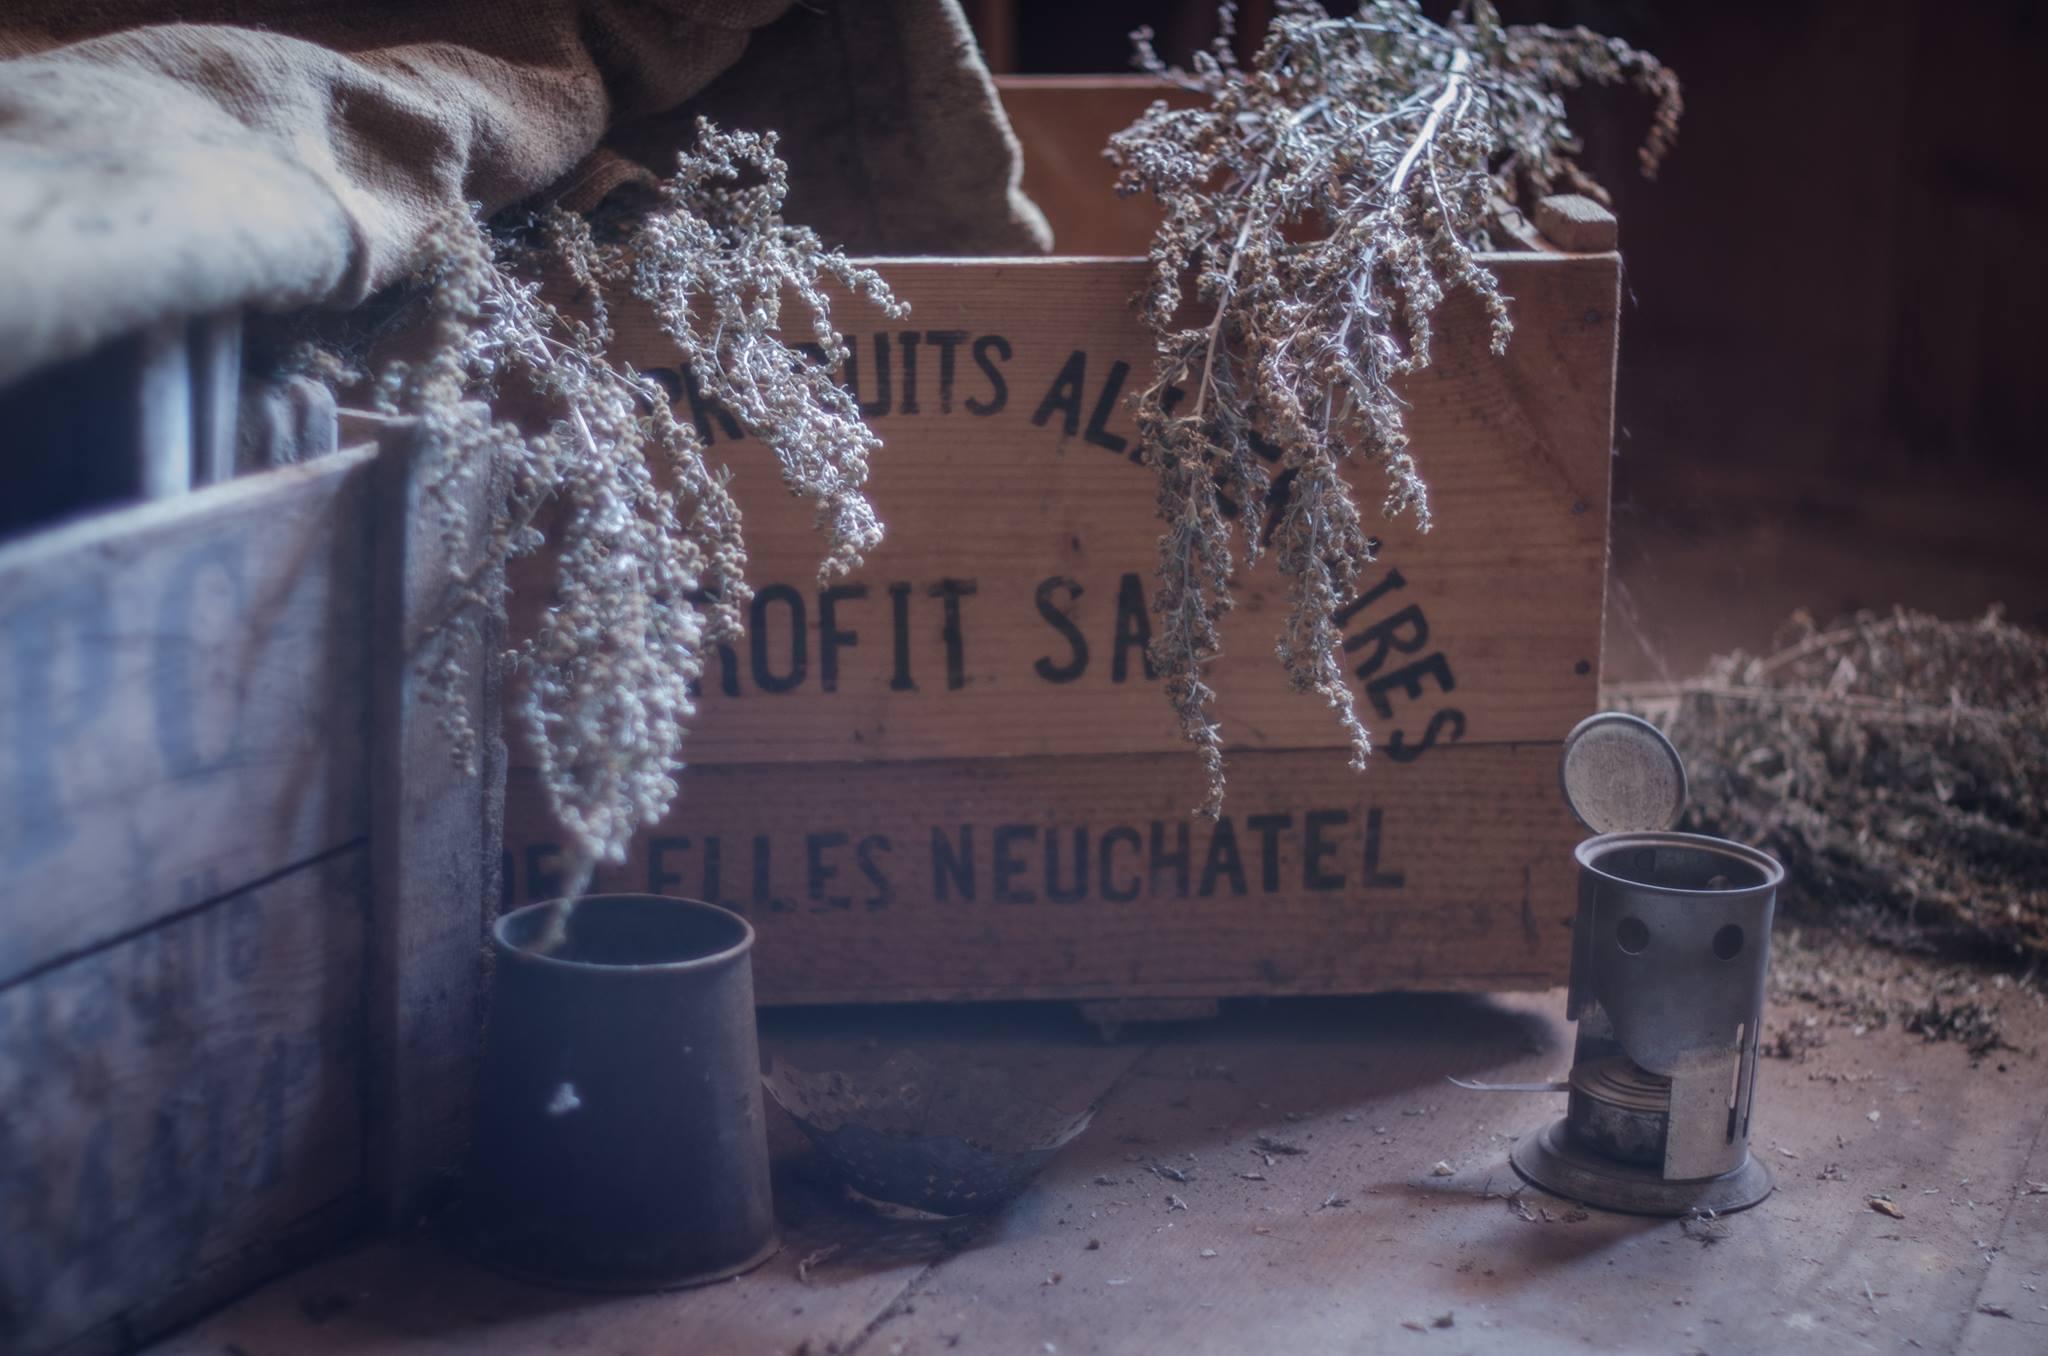 Distillerie La Maison des Chats